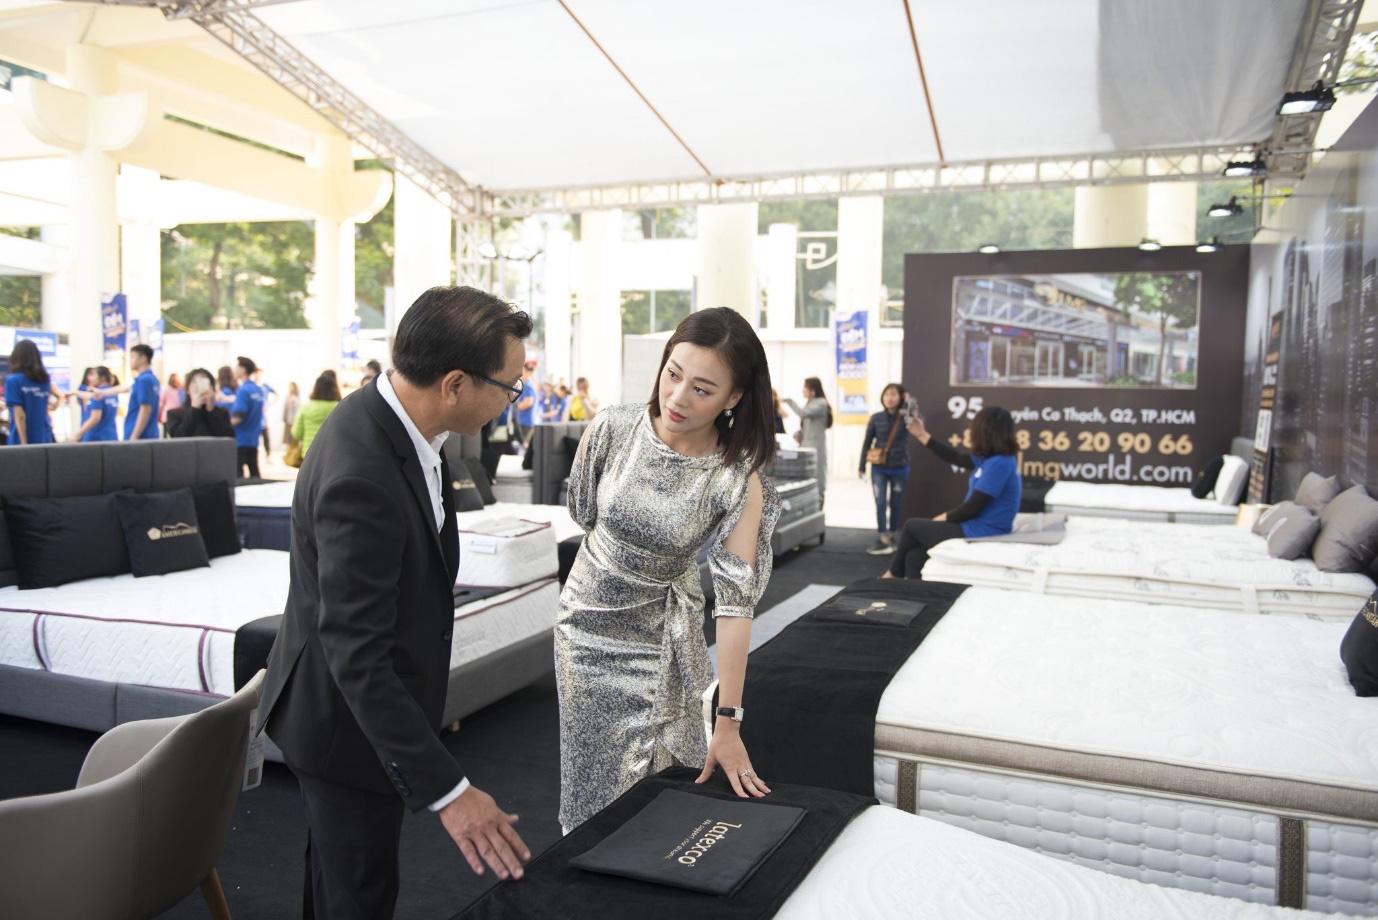 Việt Anh, Thanh Hương cùng dàn nghệ sĩ đình đám quy tụ tại Festival đệm và chăn ga gối Quốc tế 2019 - Ảnh 2.